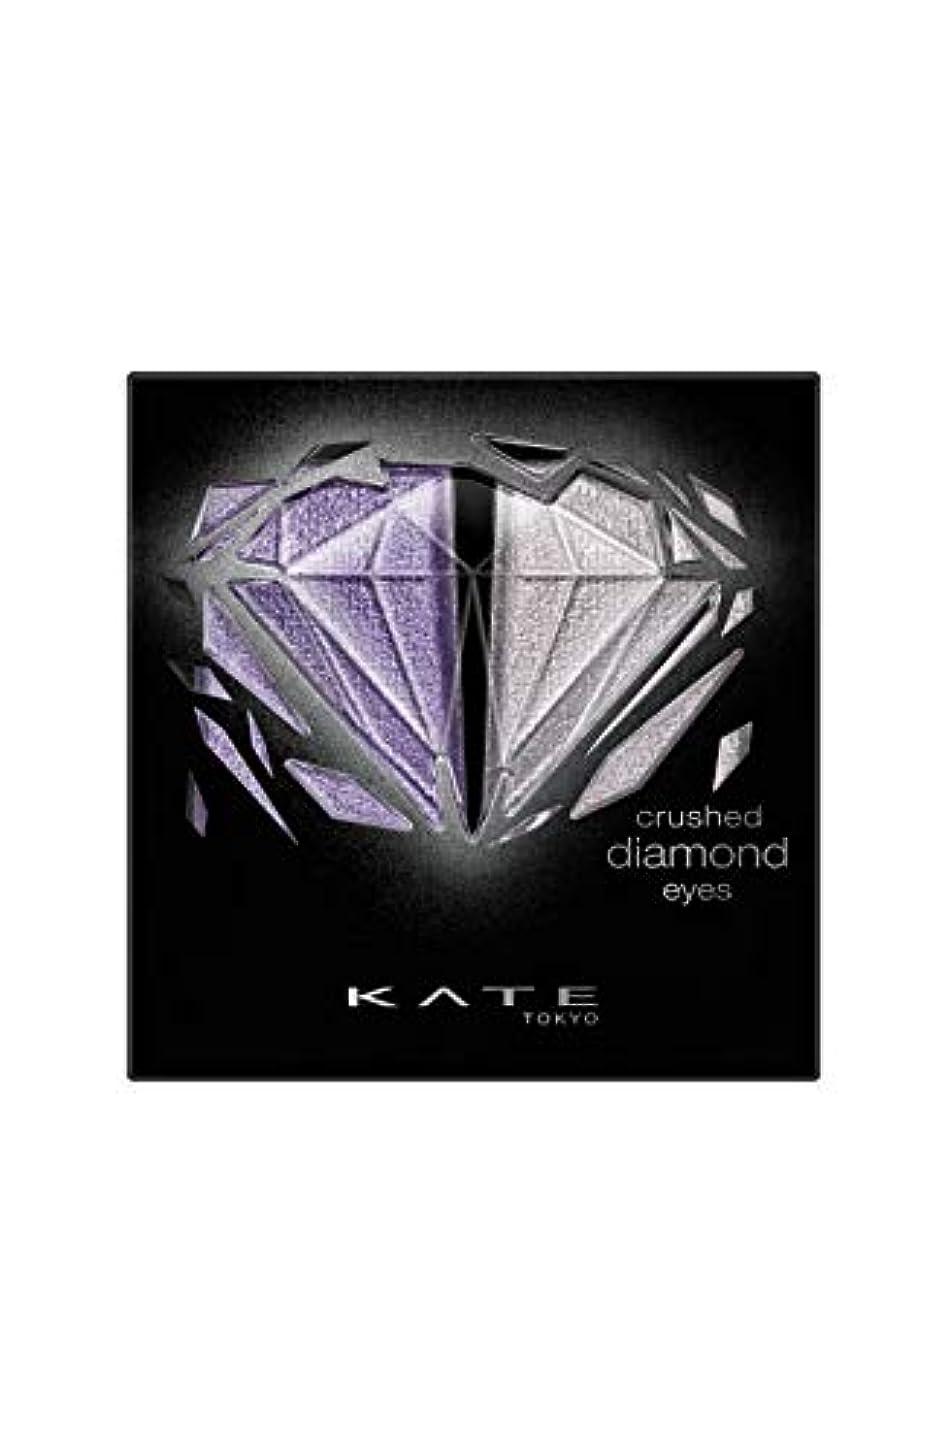 舗装するくそーコンピューターKATE(ケイト) ケイト クラッシュダイヤモンドアイズ PU-1 アイシャドウ 2.2g